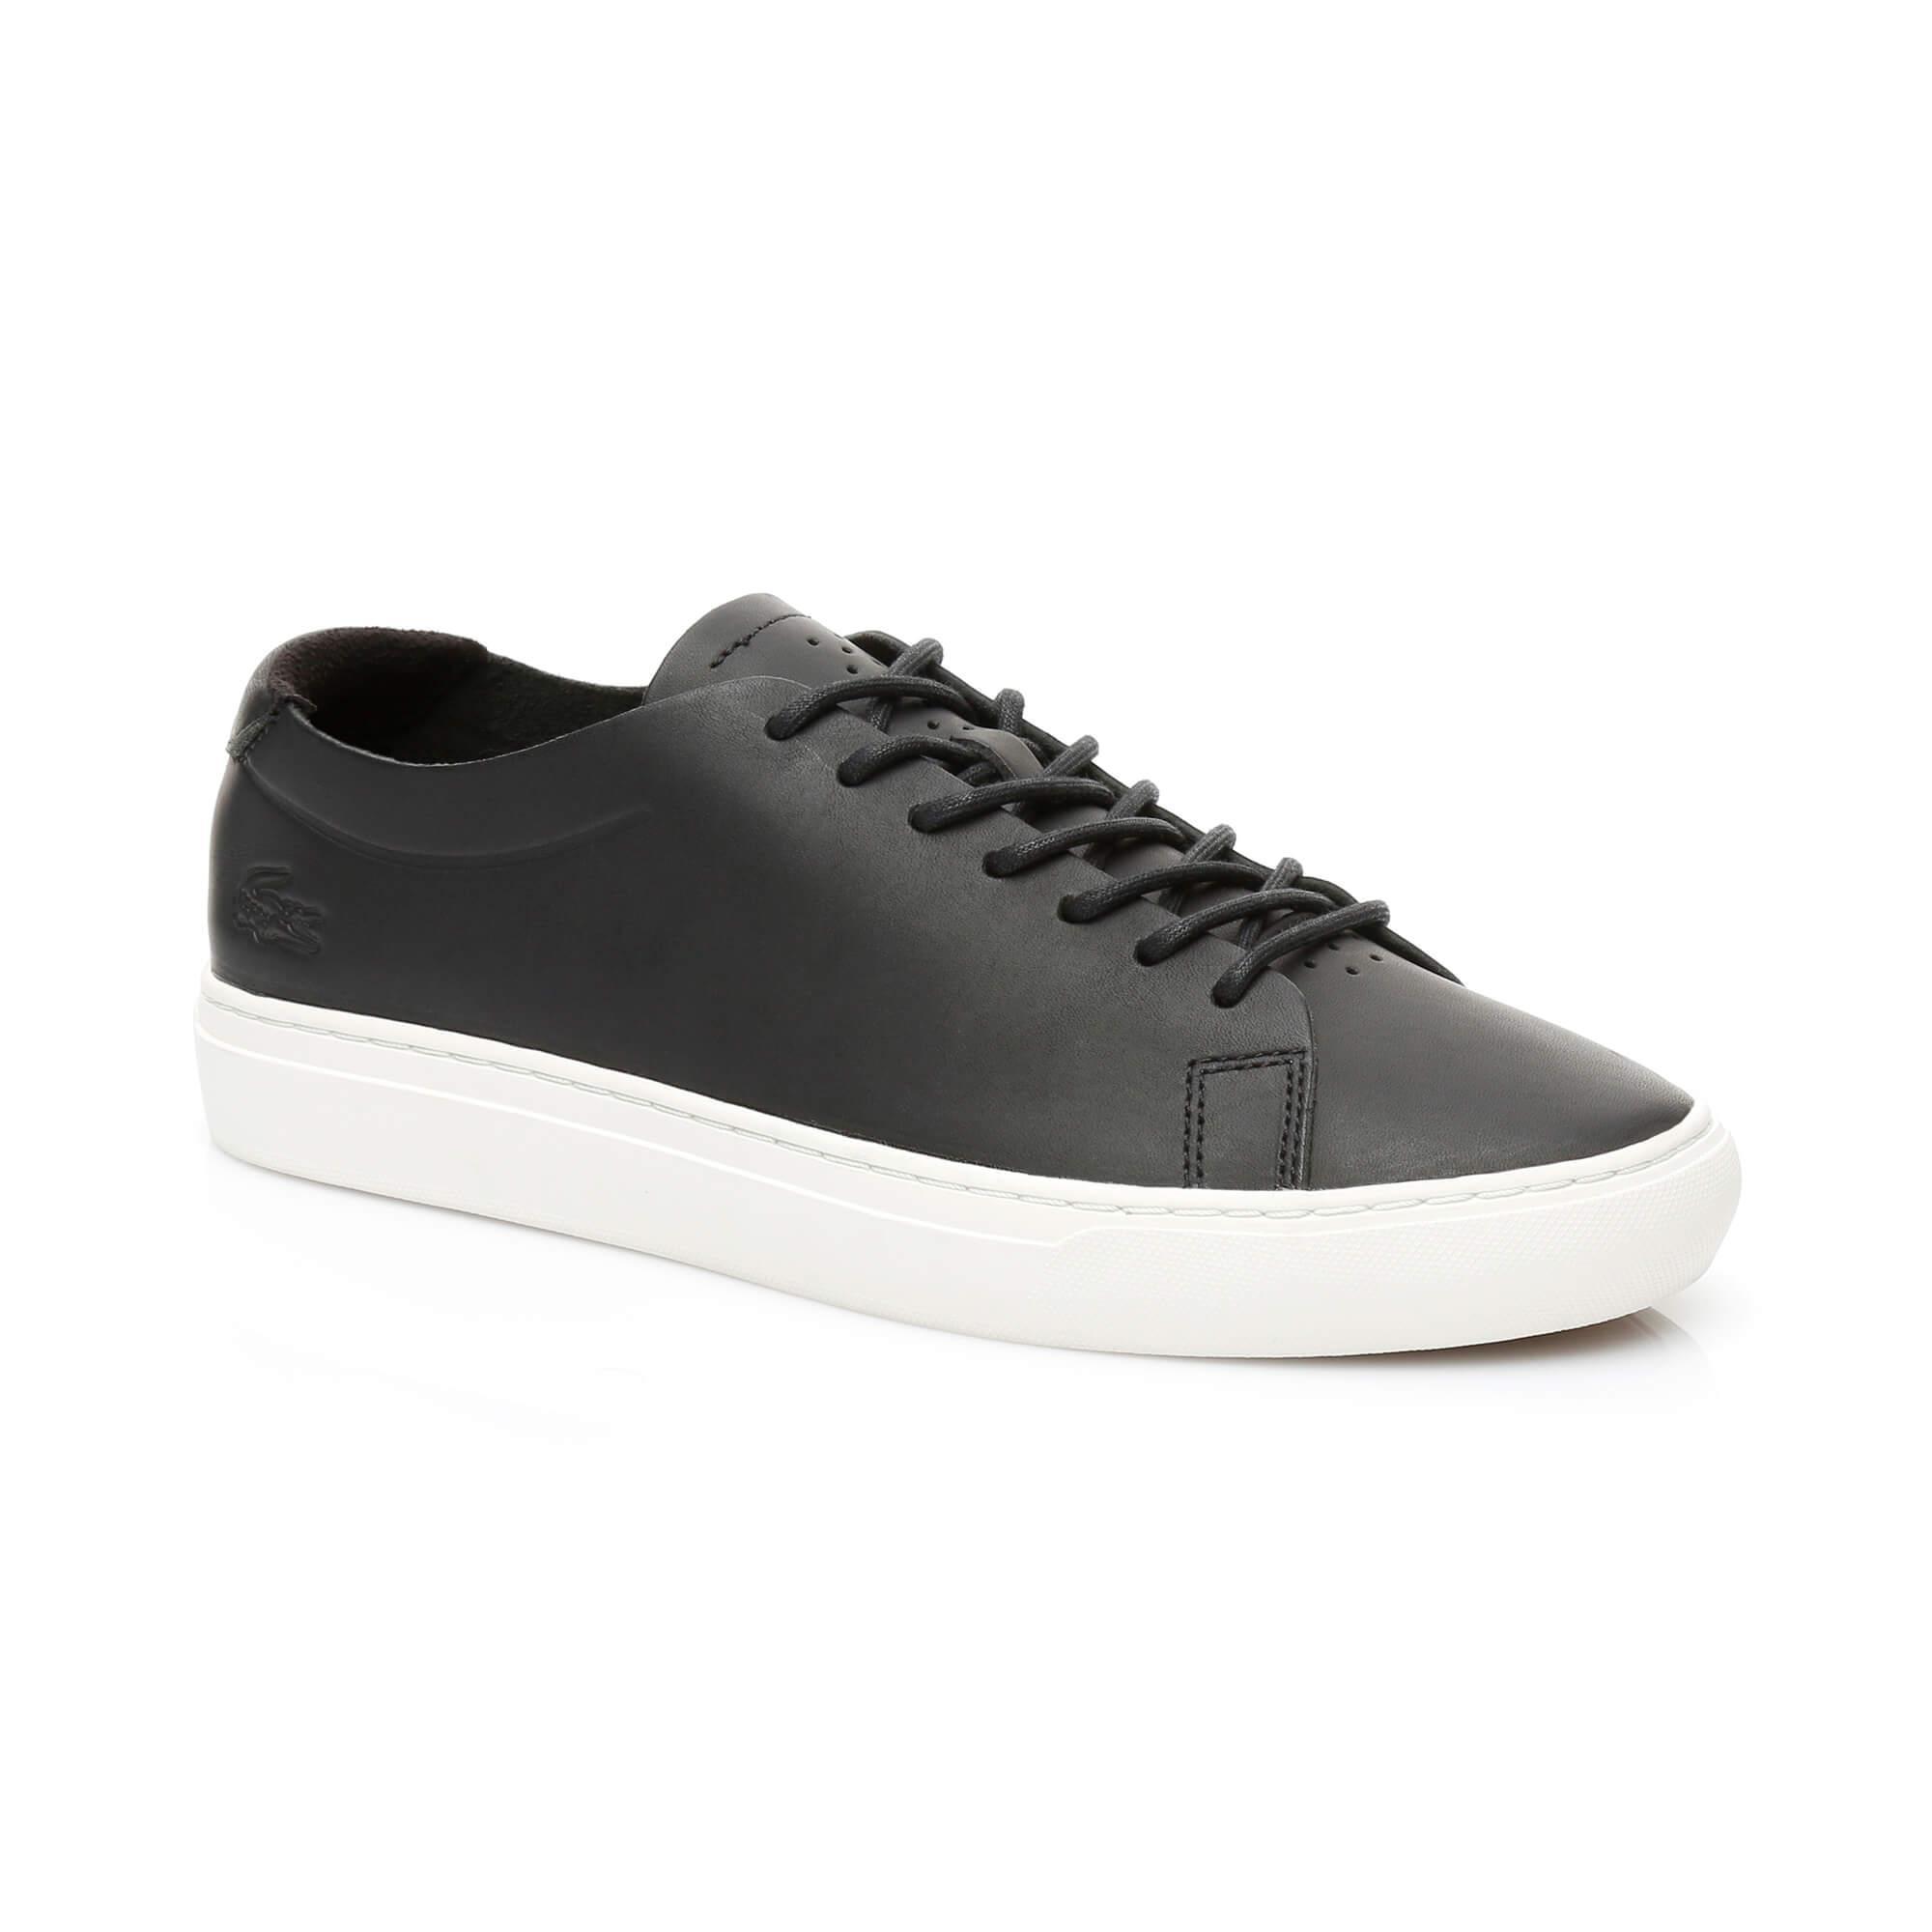 Lacoste Men's L.12.12 Unlined Sneakers